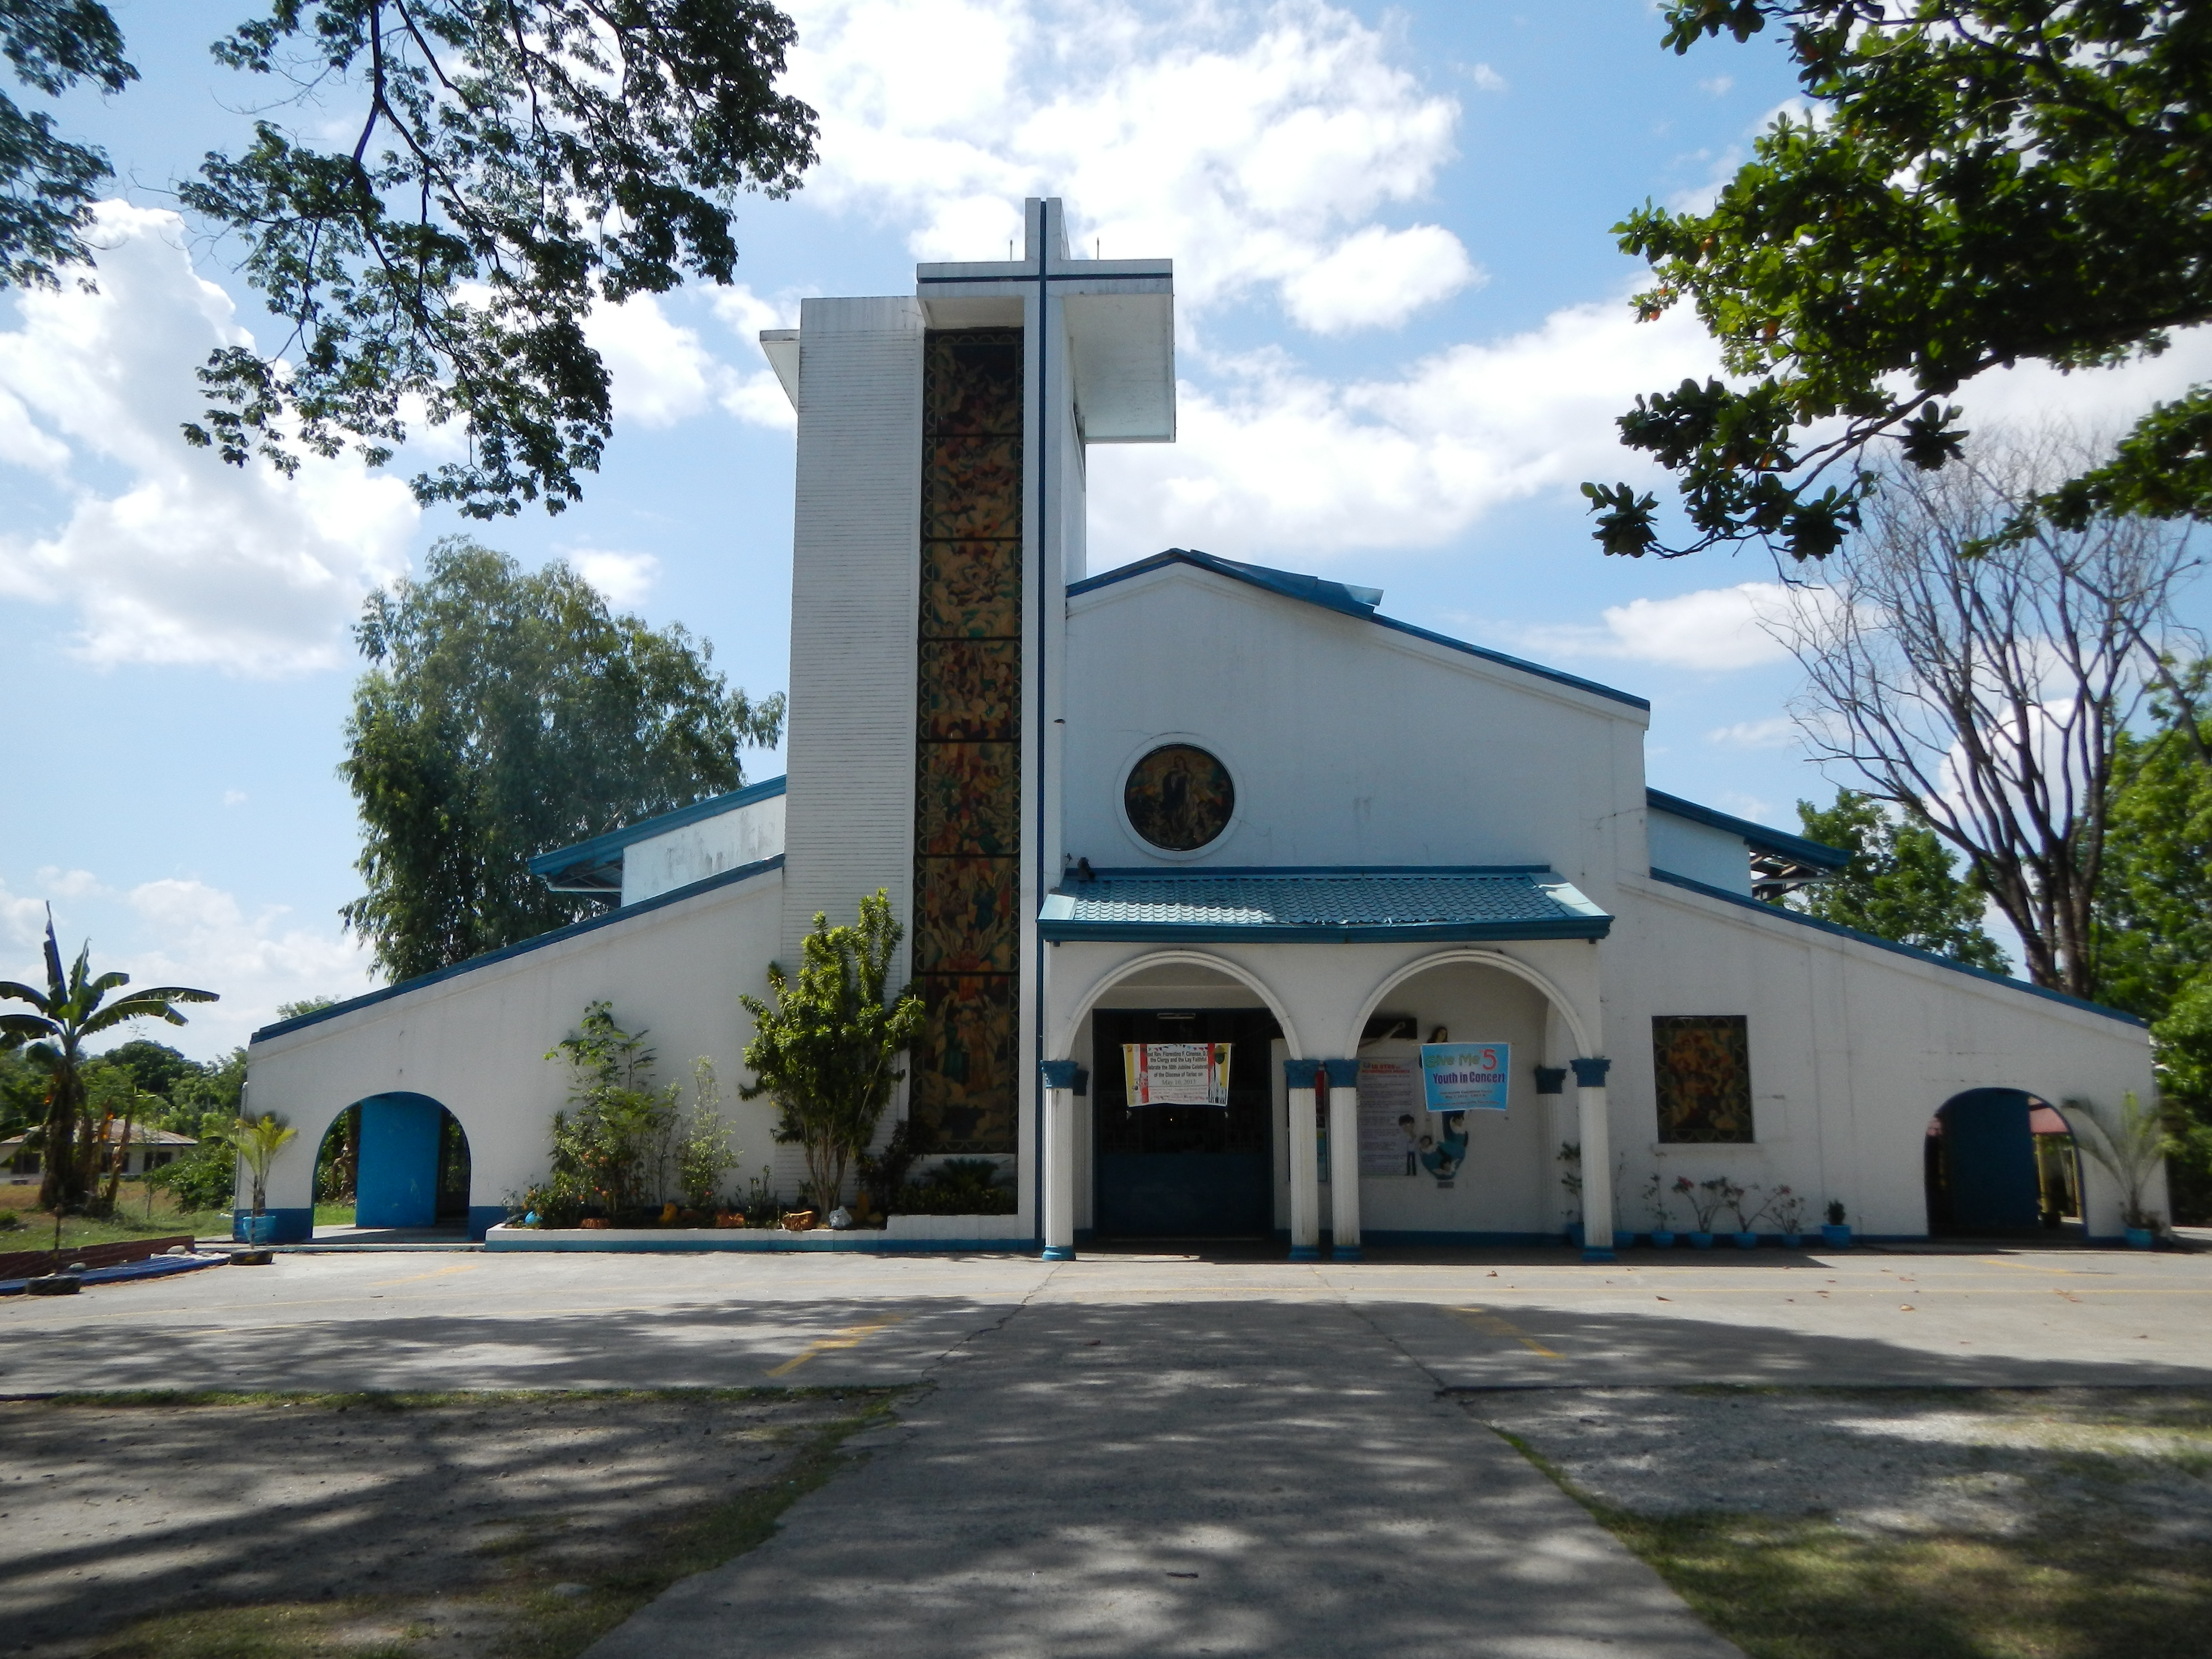 Fileimmaculate Conception Church Facade In Victoria Tarlacjpg